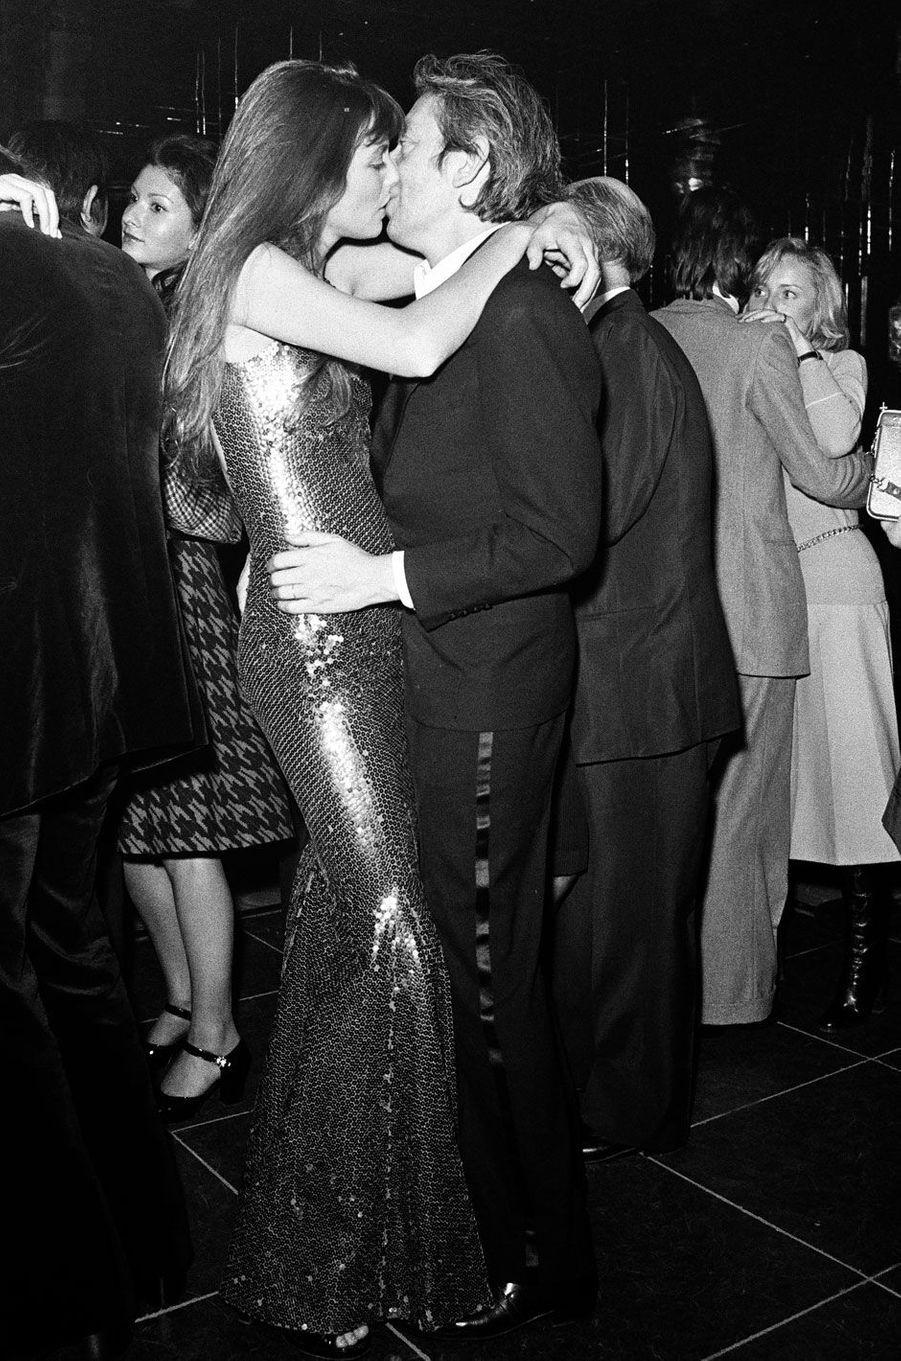 Fous amoureux, chez Régine en octobre 1973.